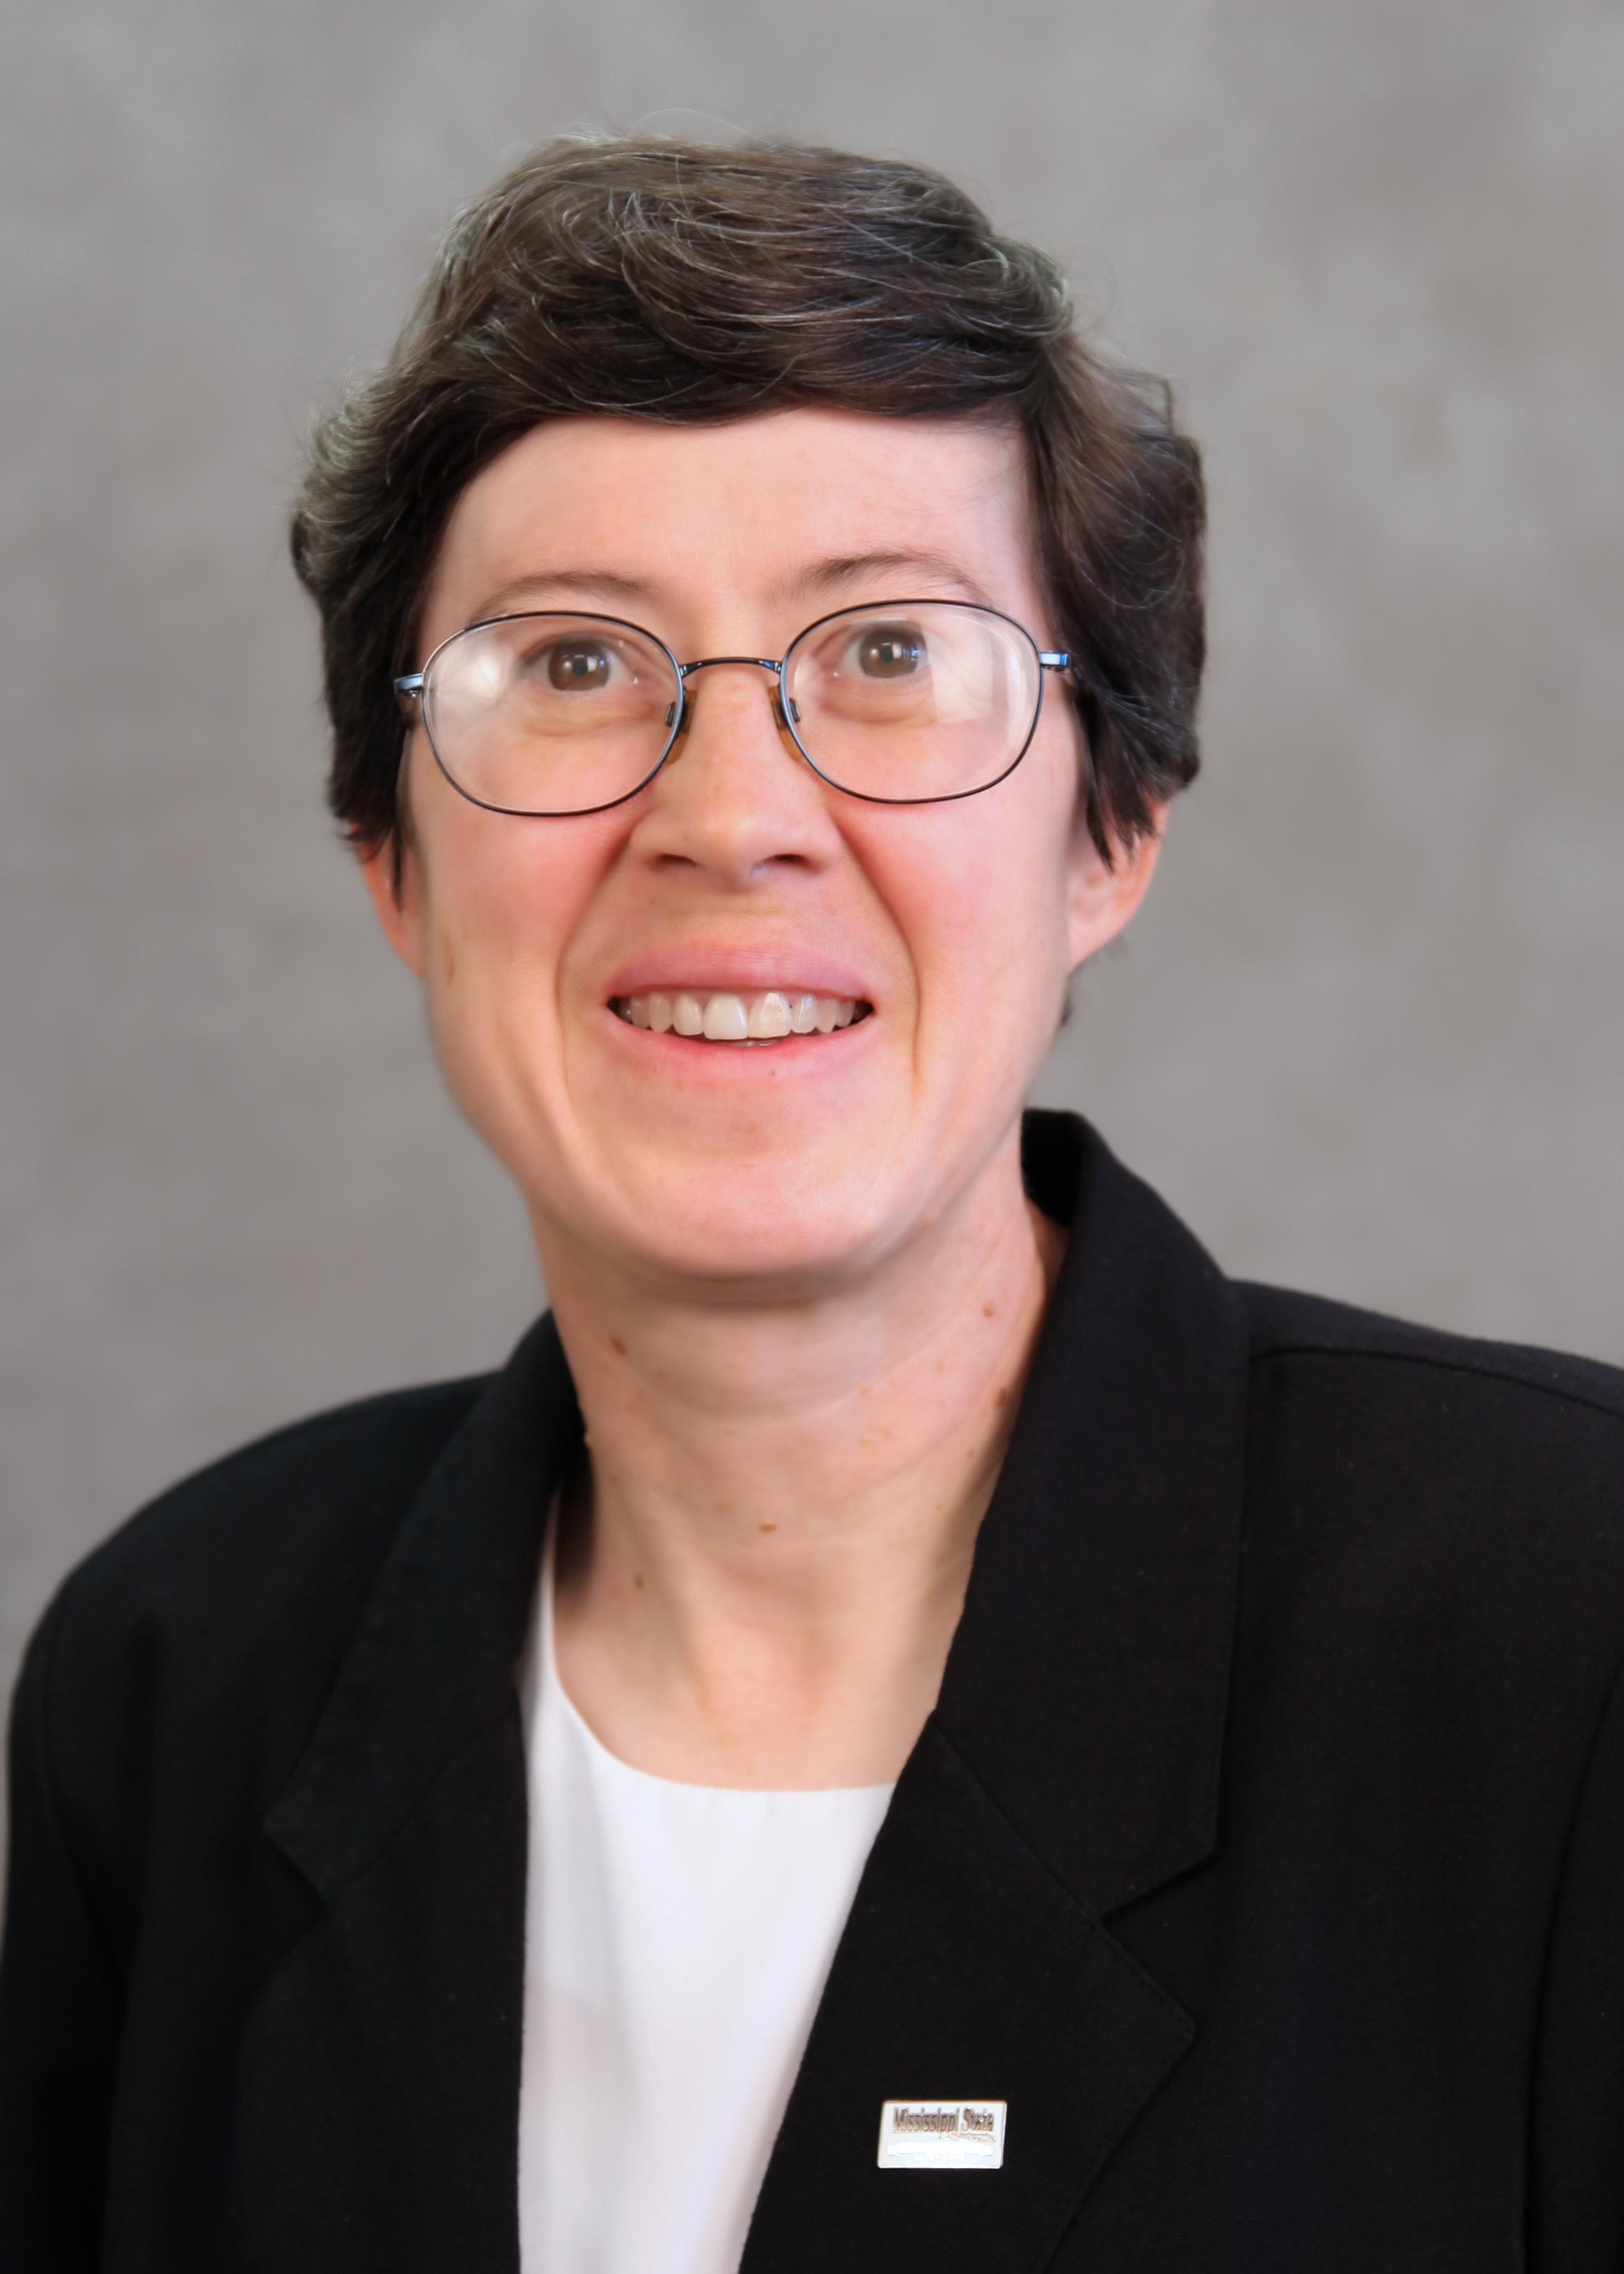 Priscilla J. Hill